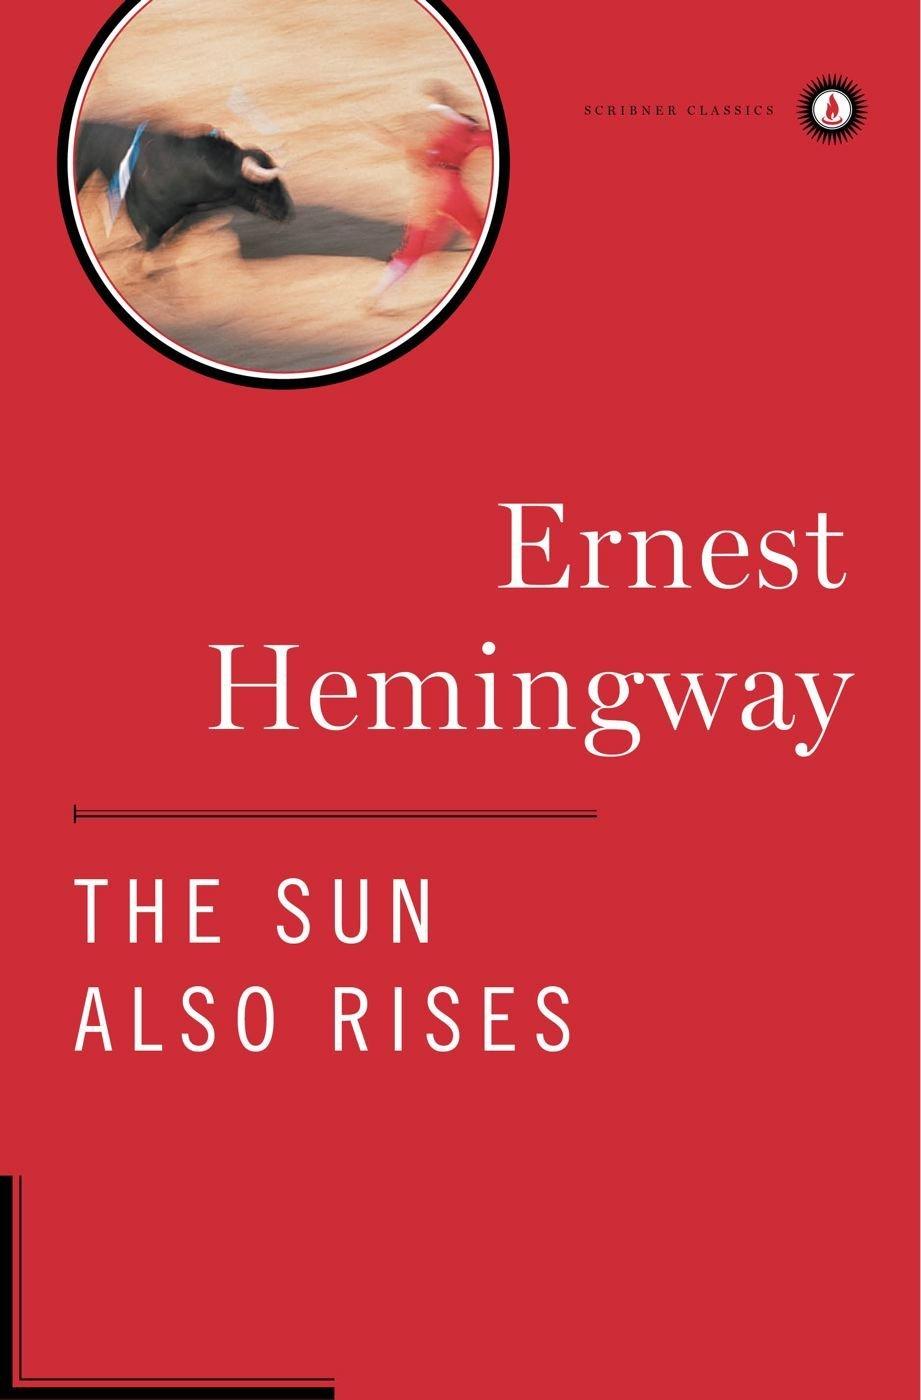 The Sun Also Rises Essay